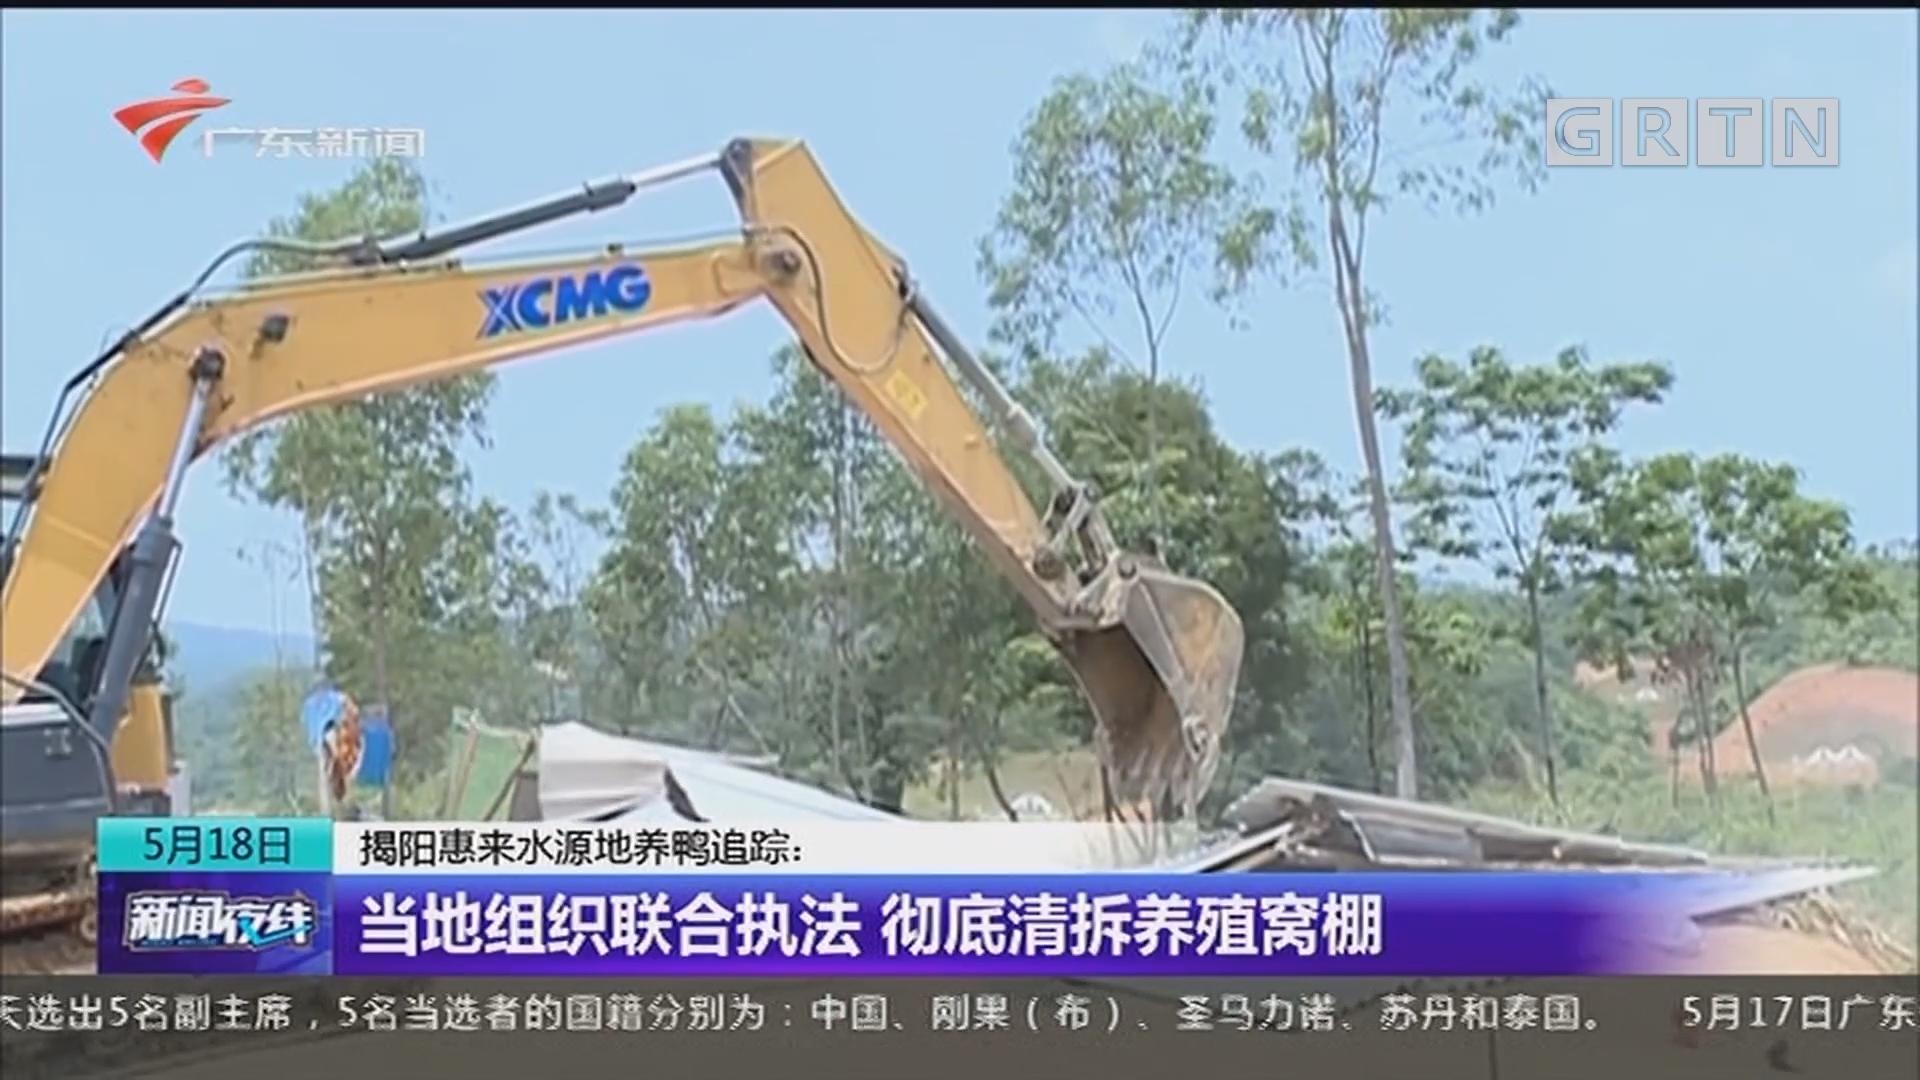 揭阳惠来水源地养鸭追踪:当地组织联合执法 彻底清拆养殖窝棚